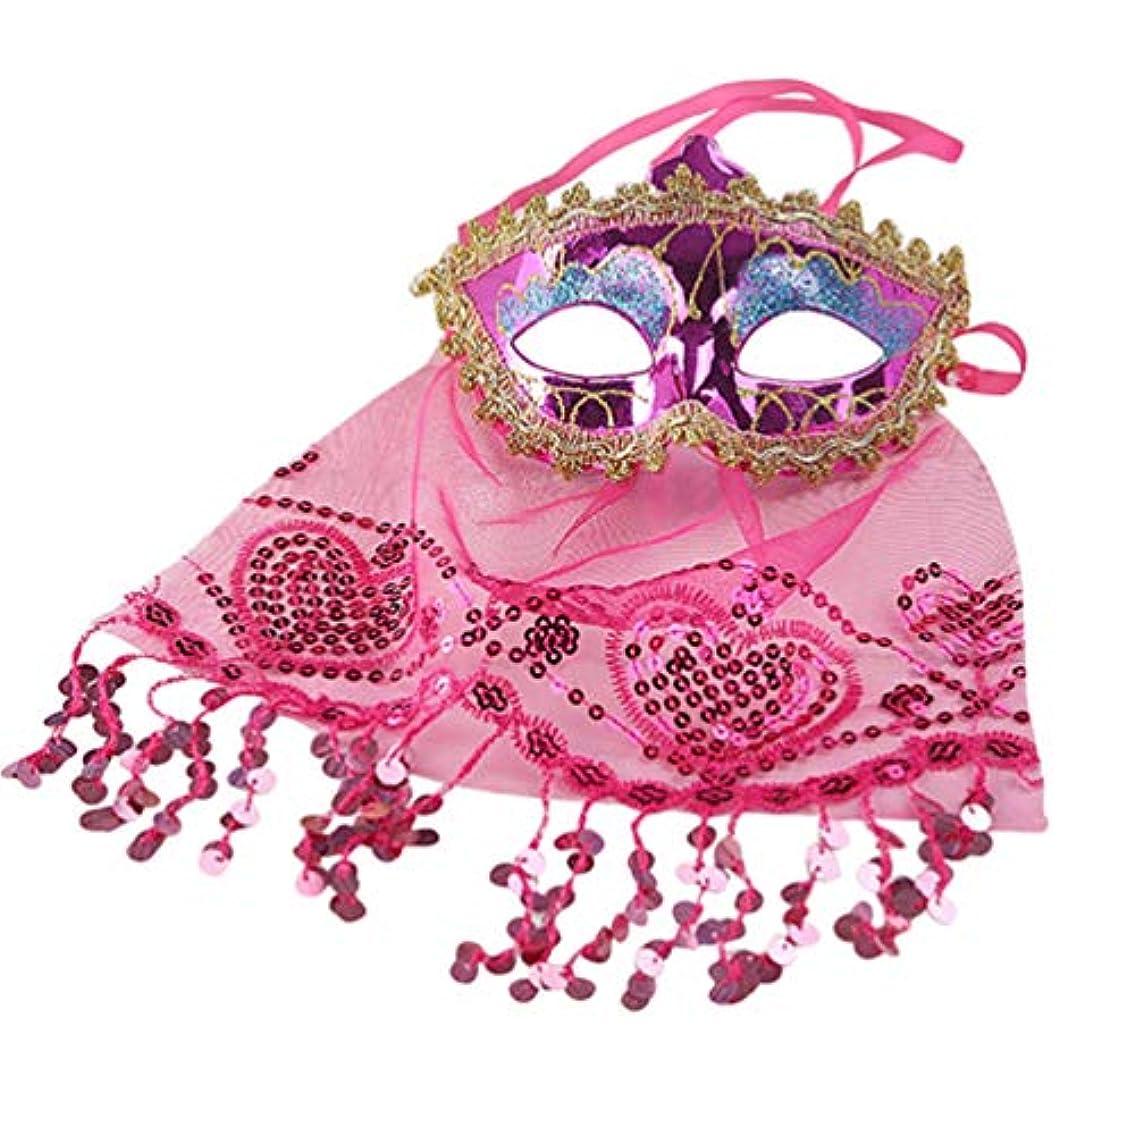 グリーンバックペインティングパドルTOYANDONA ベールマスク ベリーダンスベール 踊り パーティー 魅力的 仮面舞踏会マスク ハロウィンコスチューム